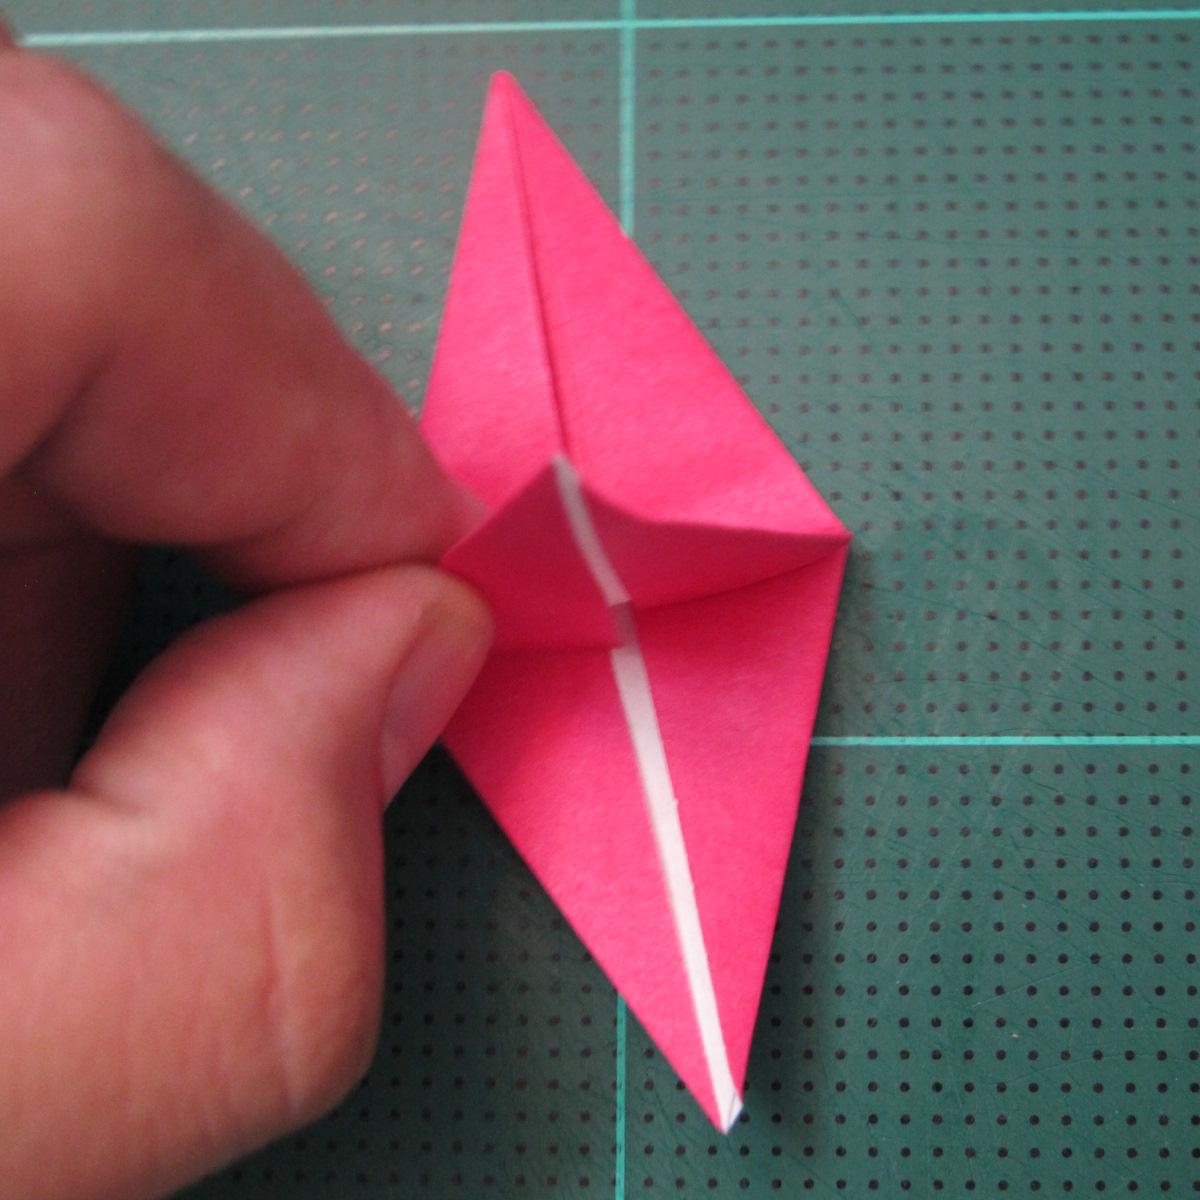 การพับกระดาษแบบโมดูล่าเป็นดาวสปาราซิส (Modular Origami Sparaxis Star) 009